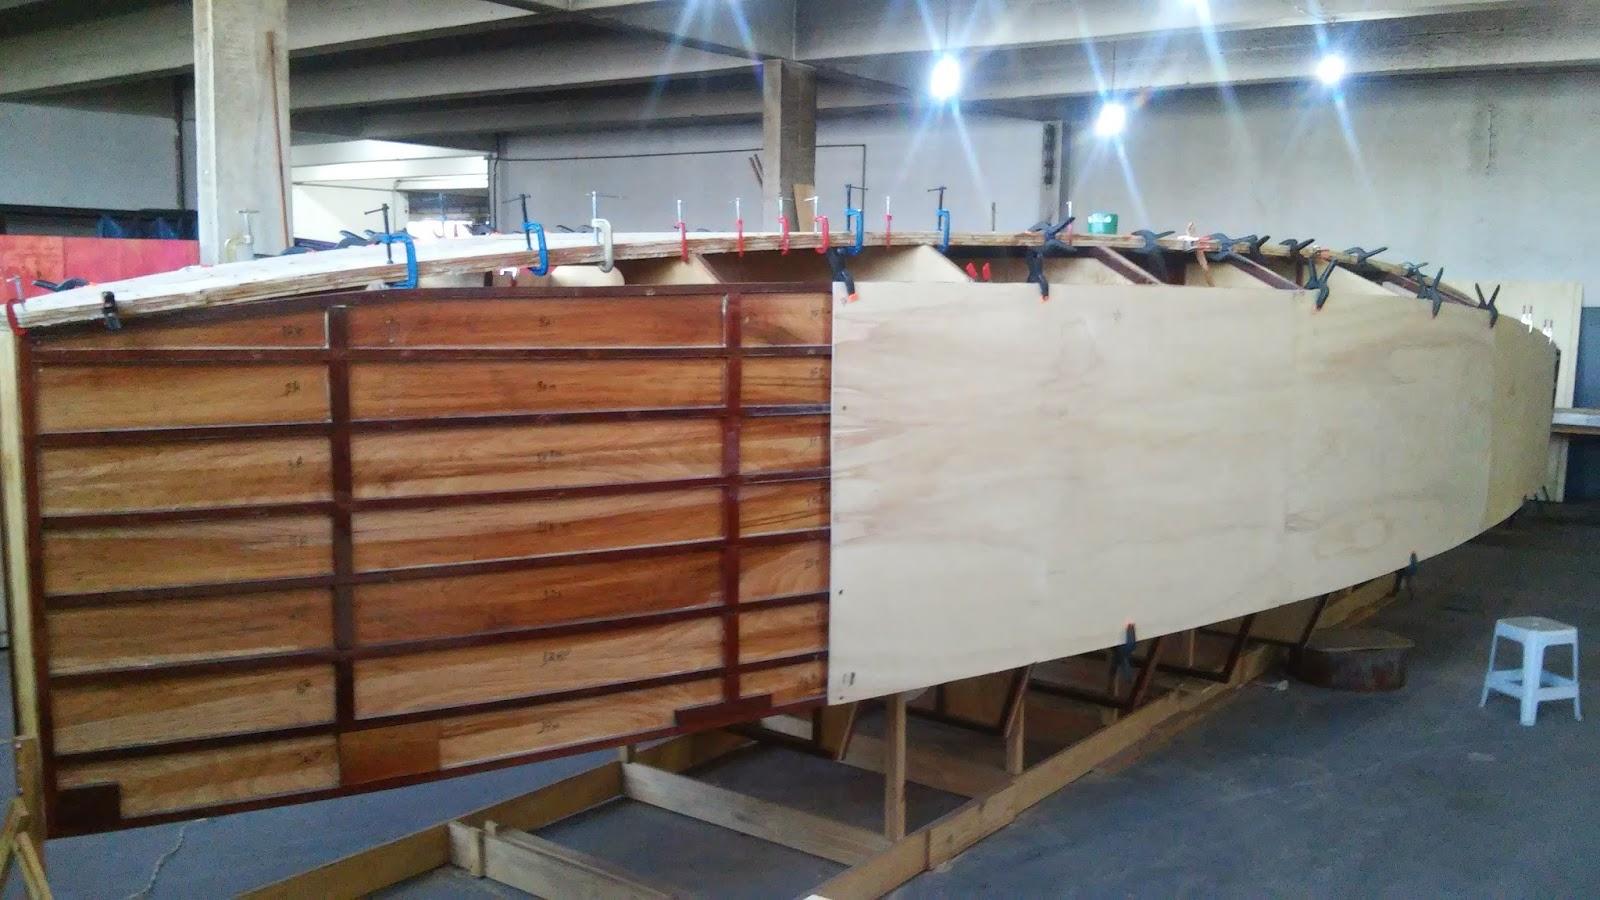 Construindo Um Veleiro, By Luiz Eduardo Paiva